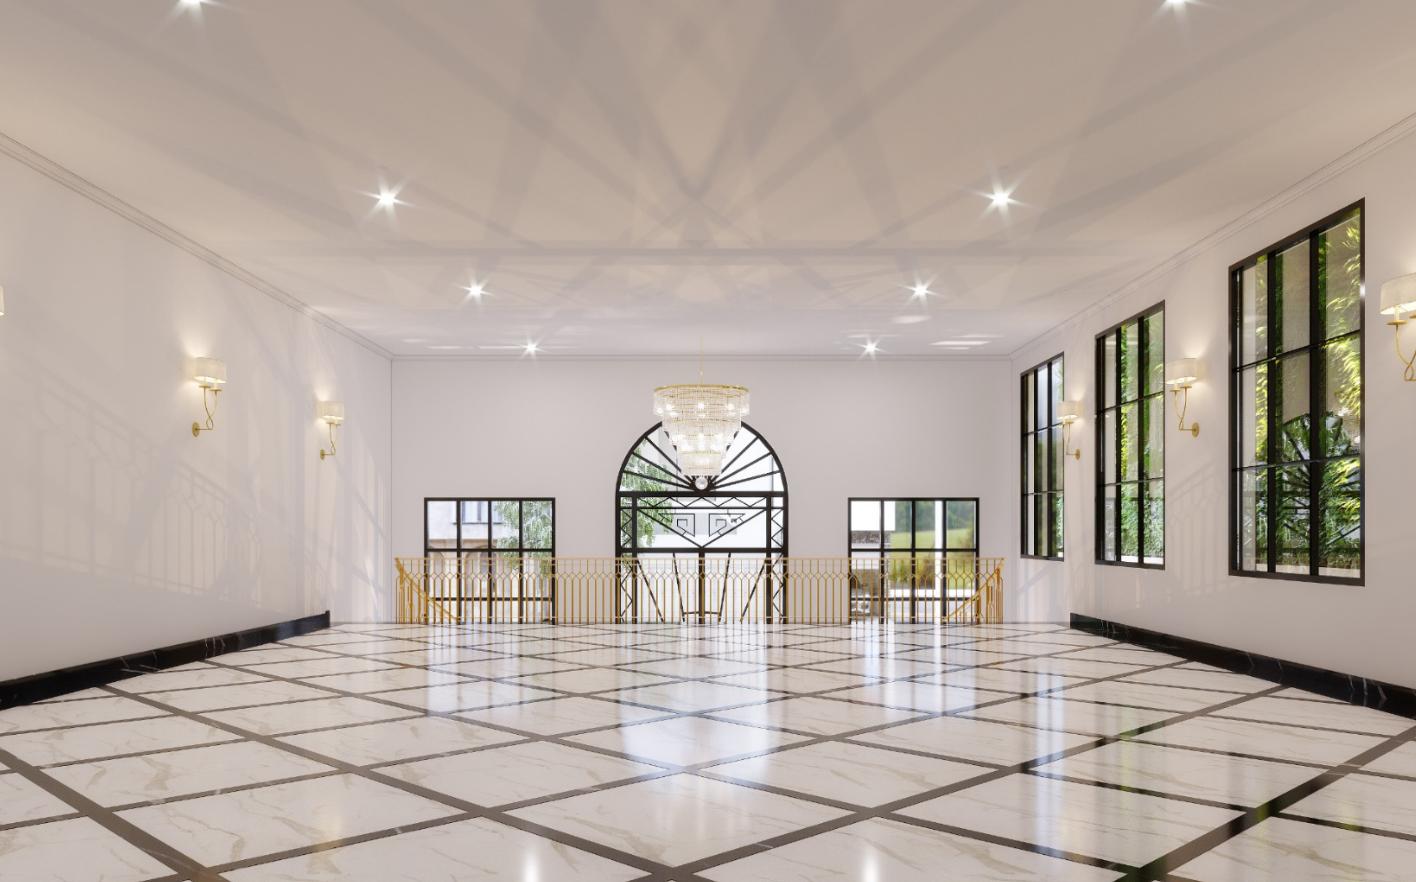 Marble Flooring Ideas by Alisha Sharma designs | KreateCube